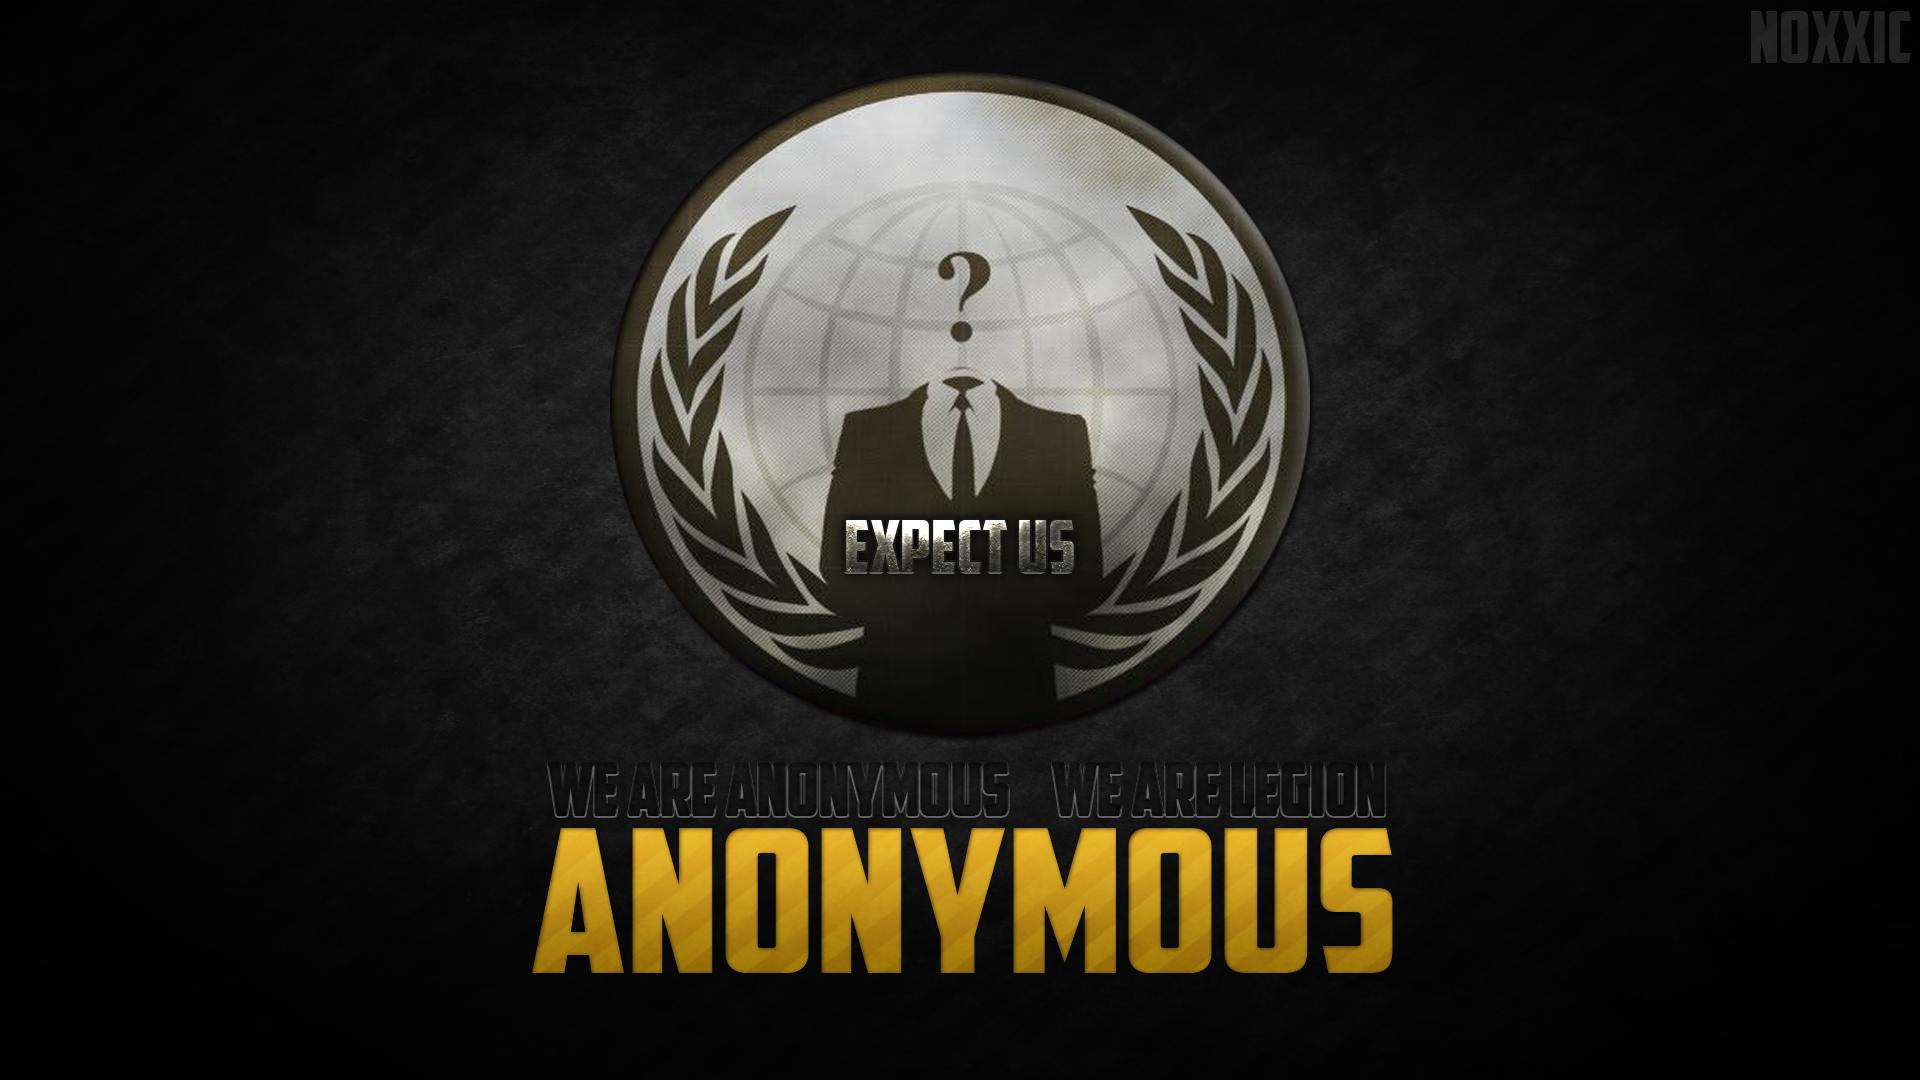 Anonymous Hacker Wallpaper - WallpaperSafari